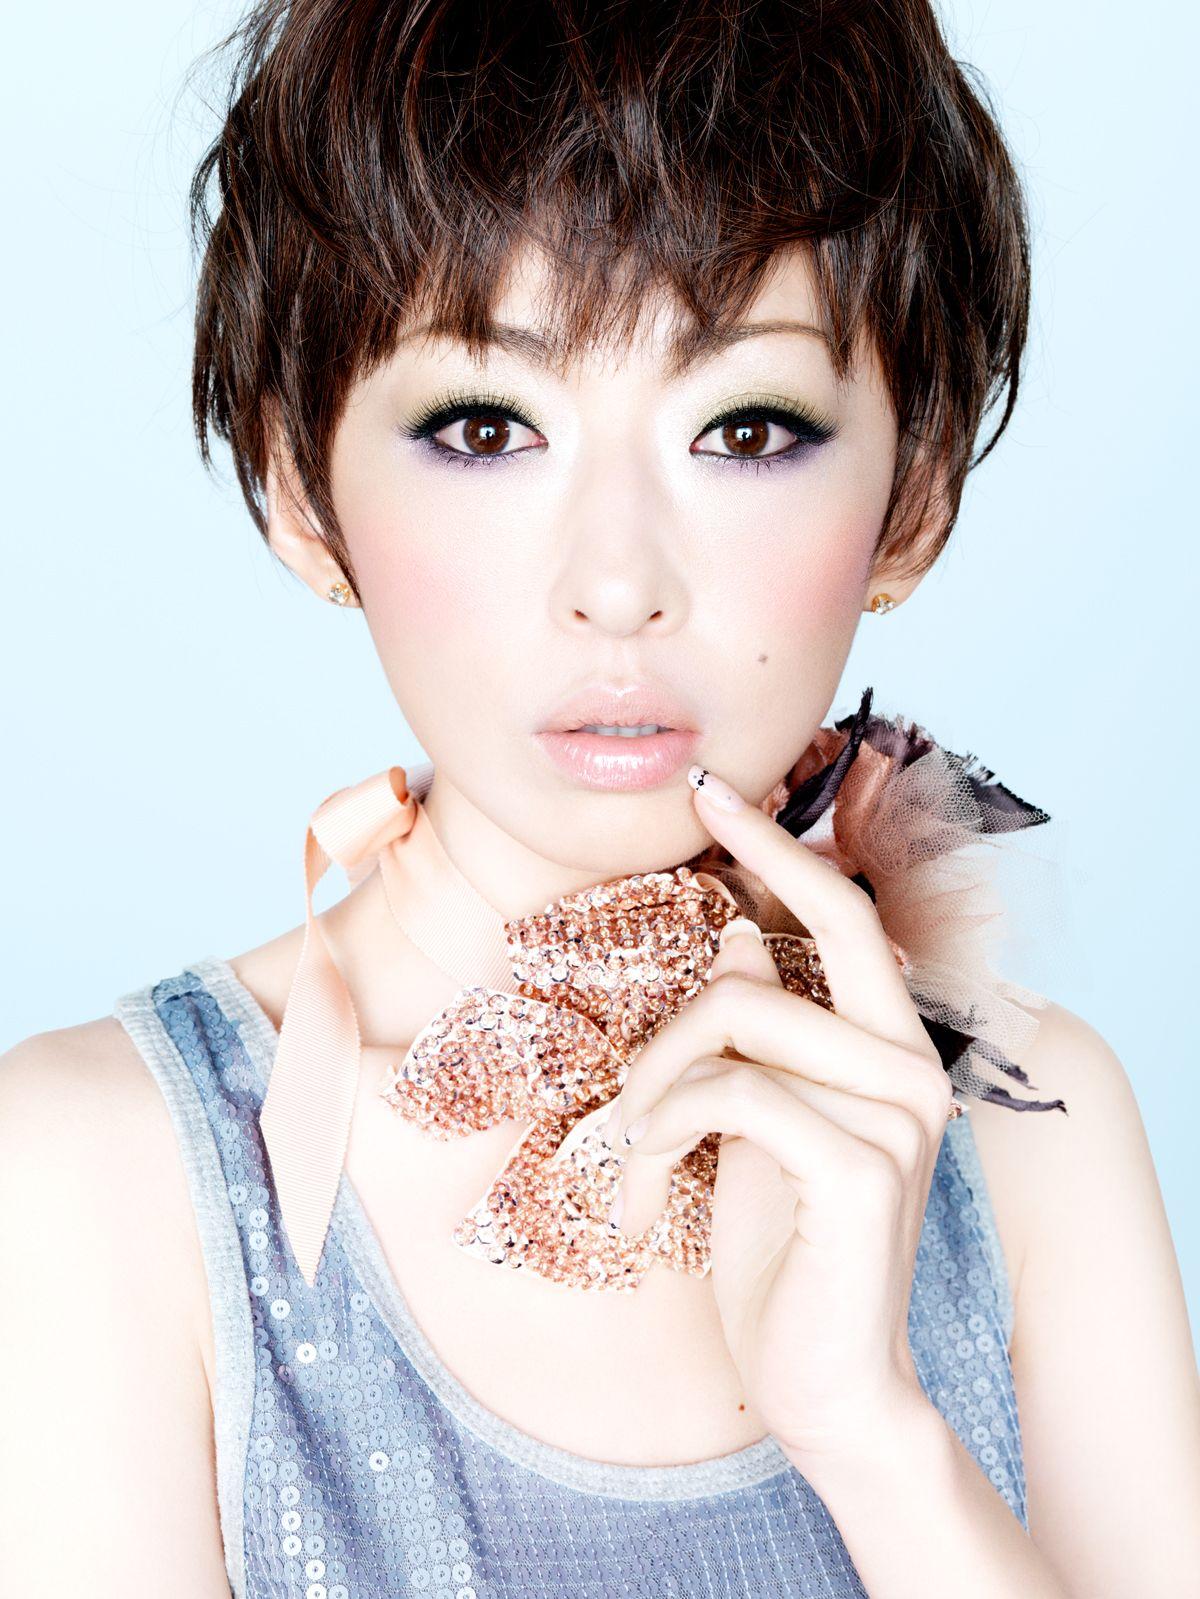 松雪泰子 - Matsuyuki Yasuko   松雪泰子, 松雪, 美人 アナウンサー